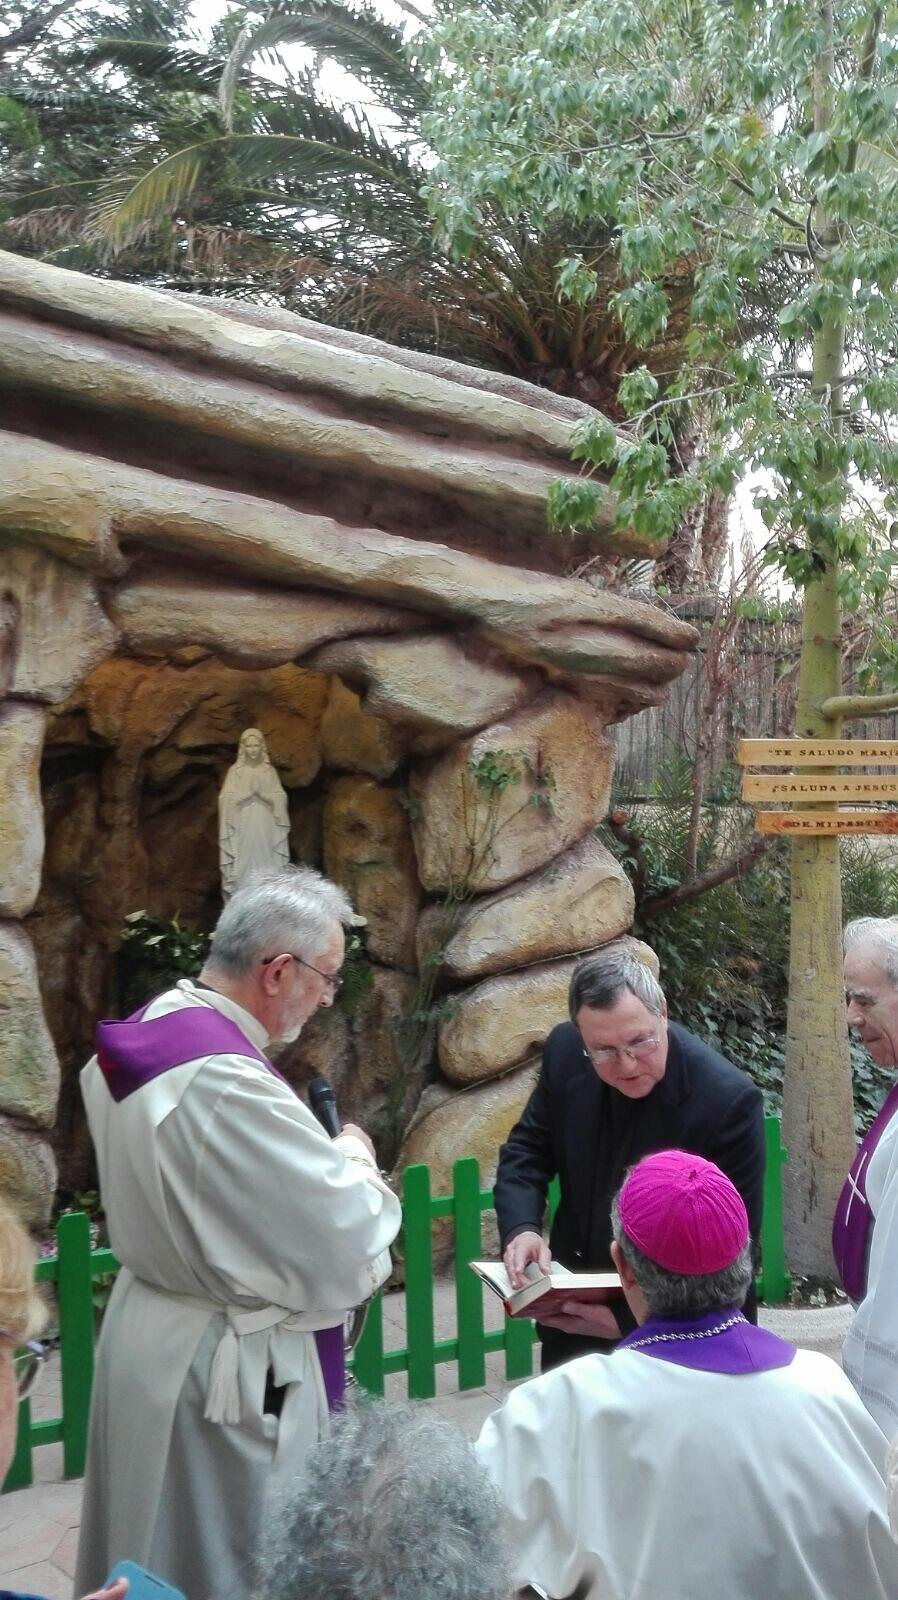 (2016-02-13) - Inauguración Virgen de Lourdes, La Molineta - Pascual Serrano (13)